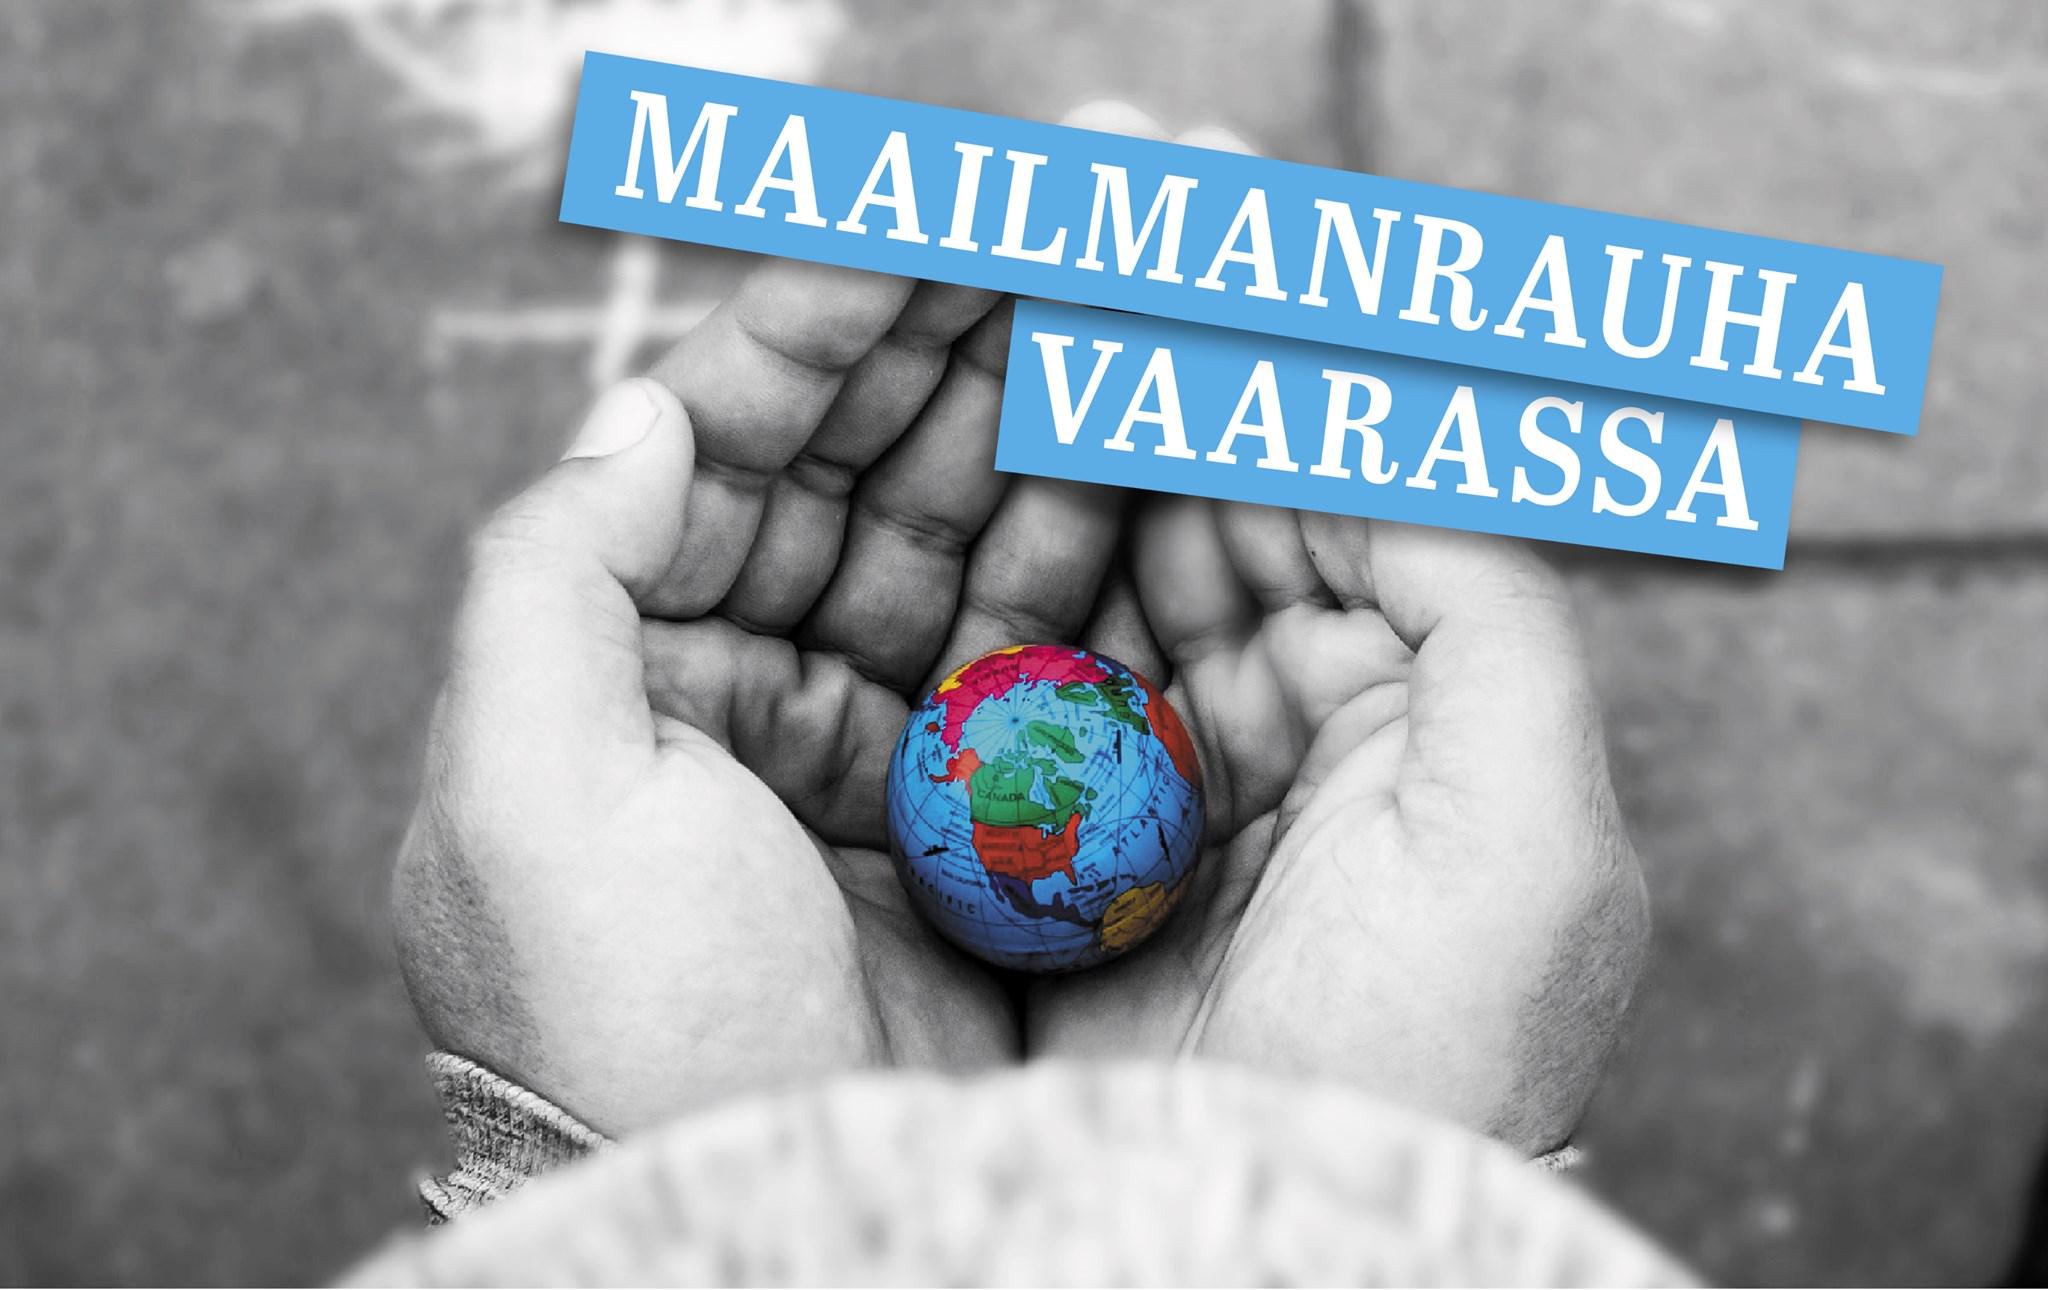 Maailmanrauhan vaarassa, Helsinki & Youtube